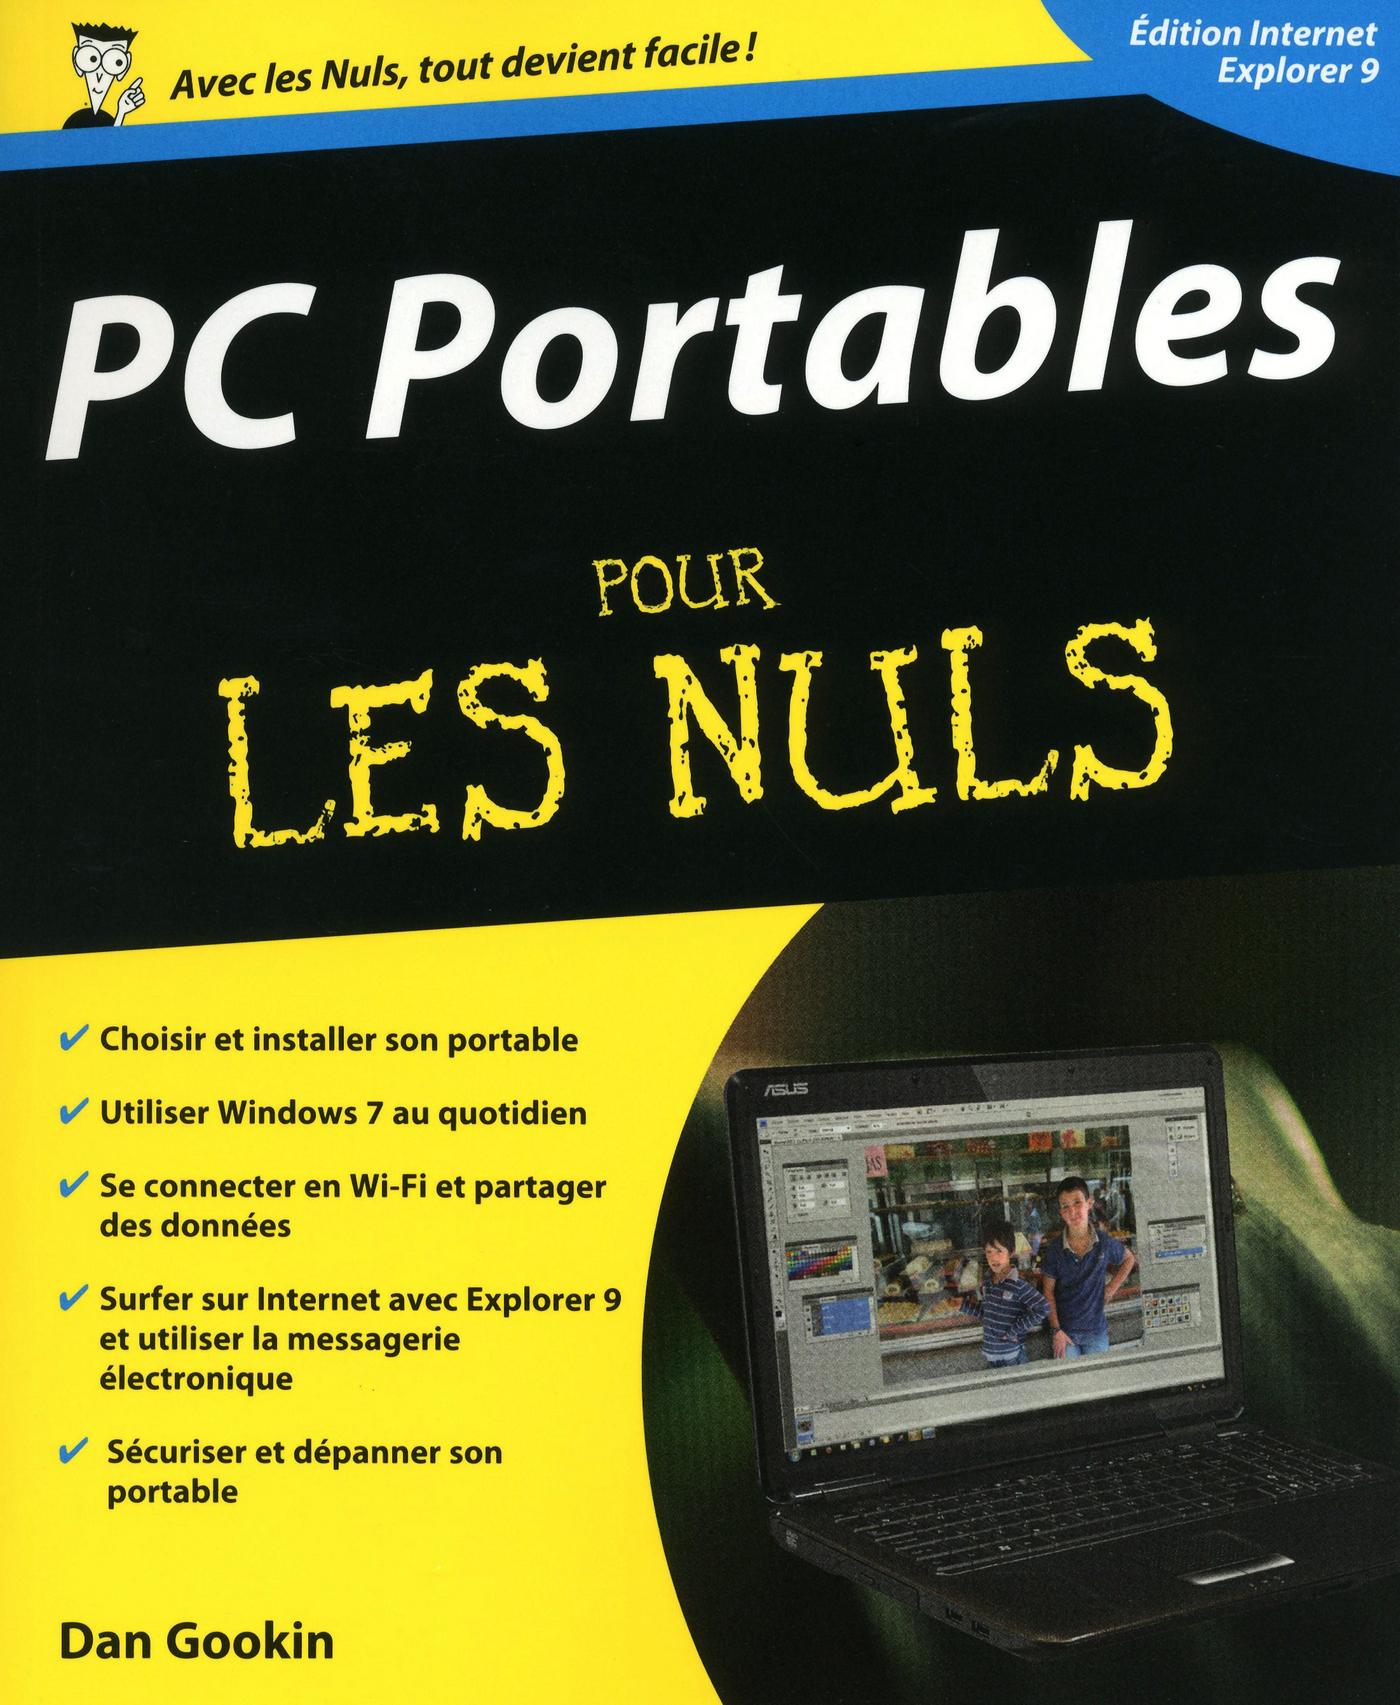 PC Portables ed Internet Explorer 9 Pour les Nuls